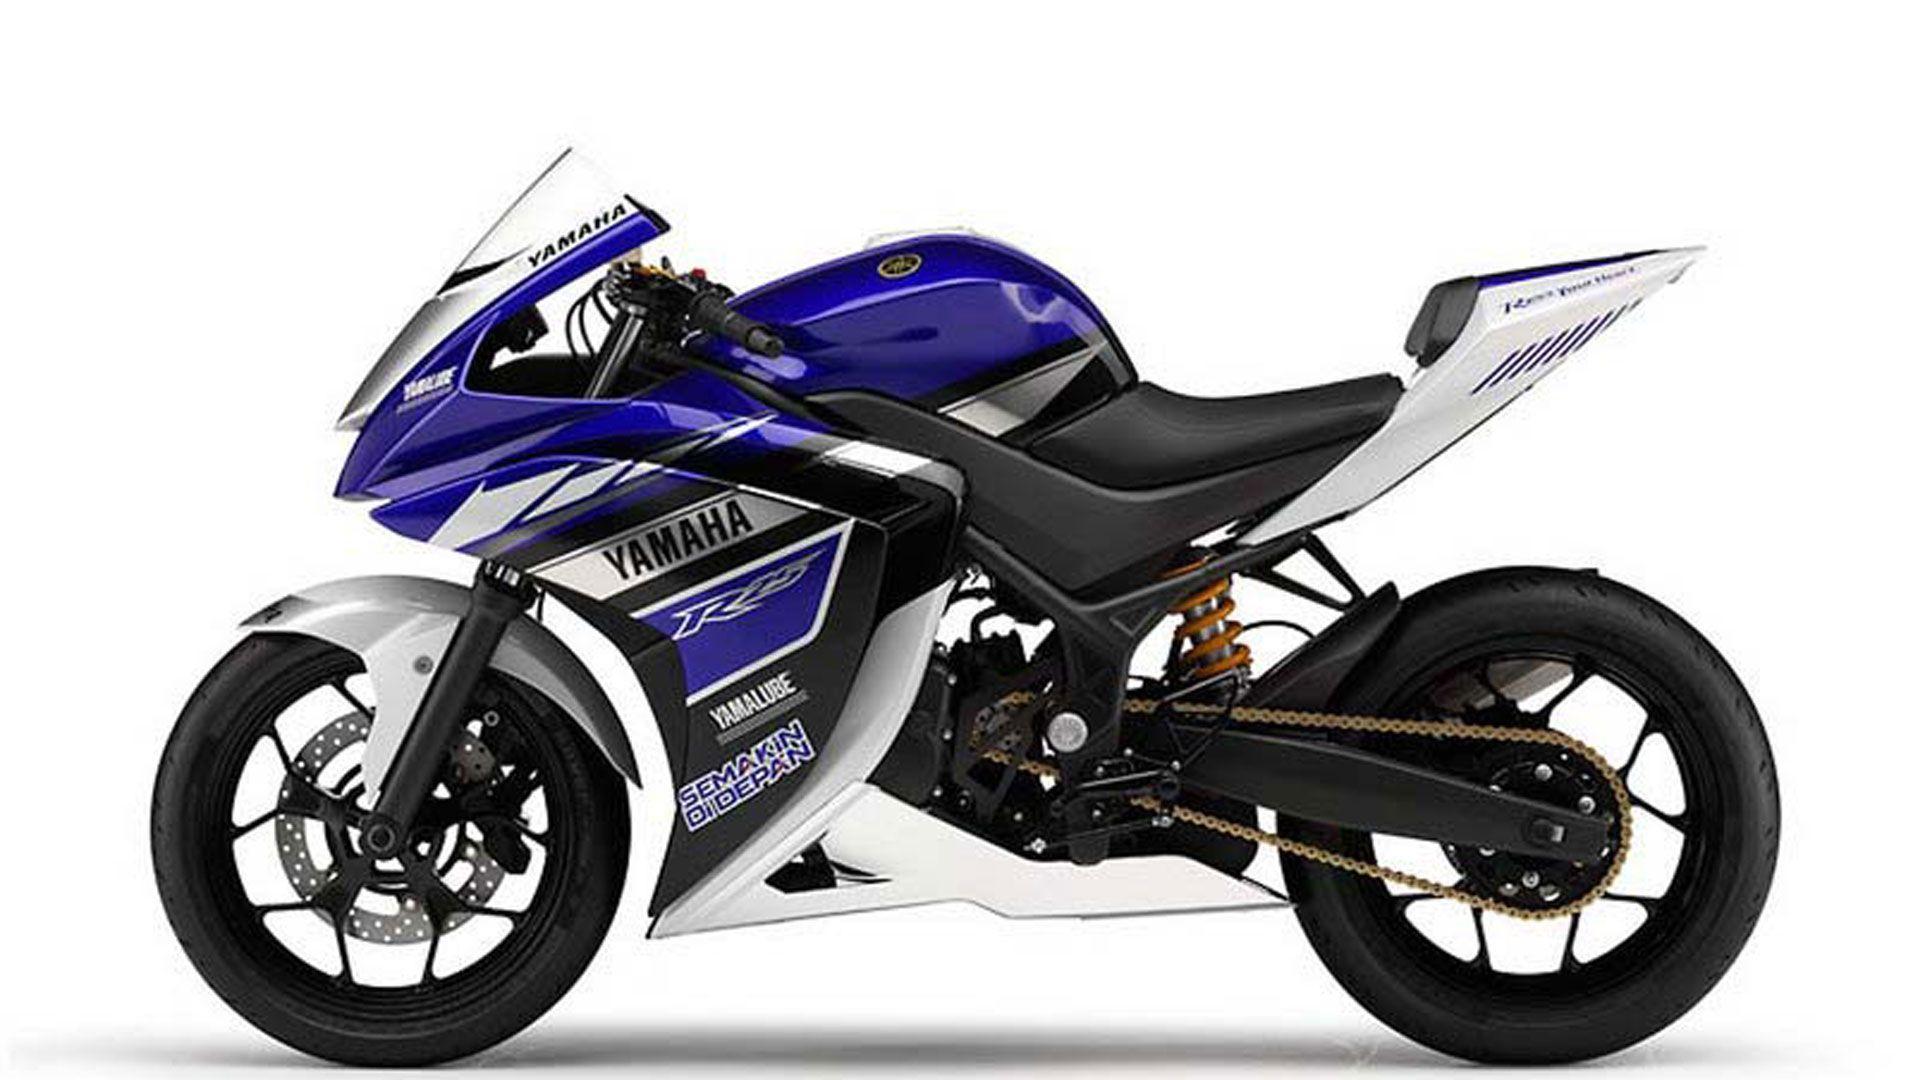 Yamaha YZF-R25 Wallpapers